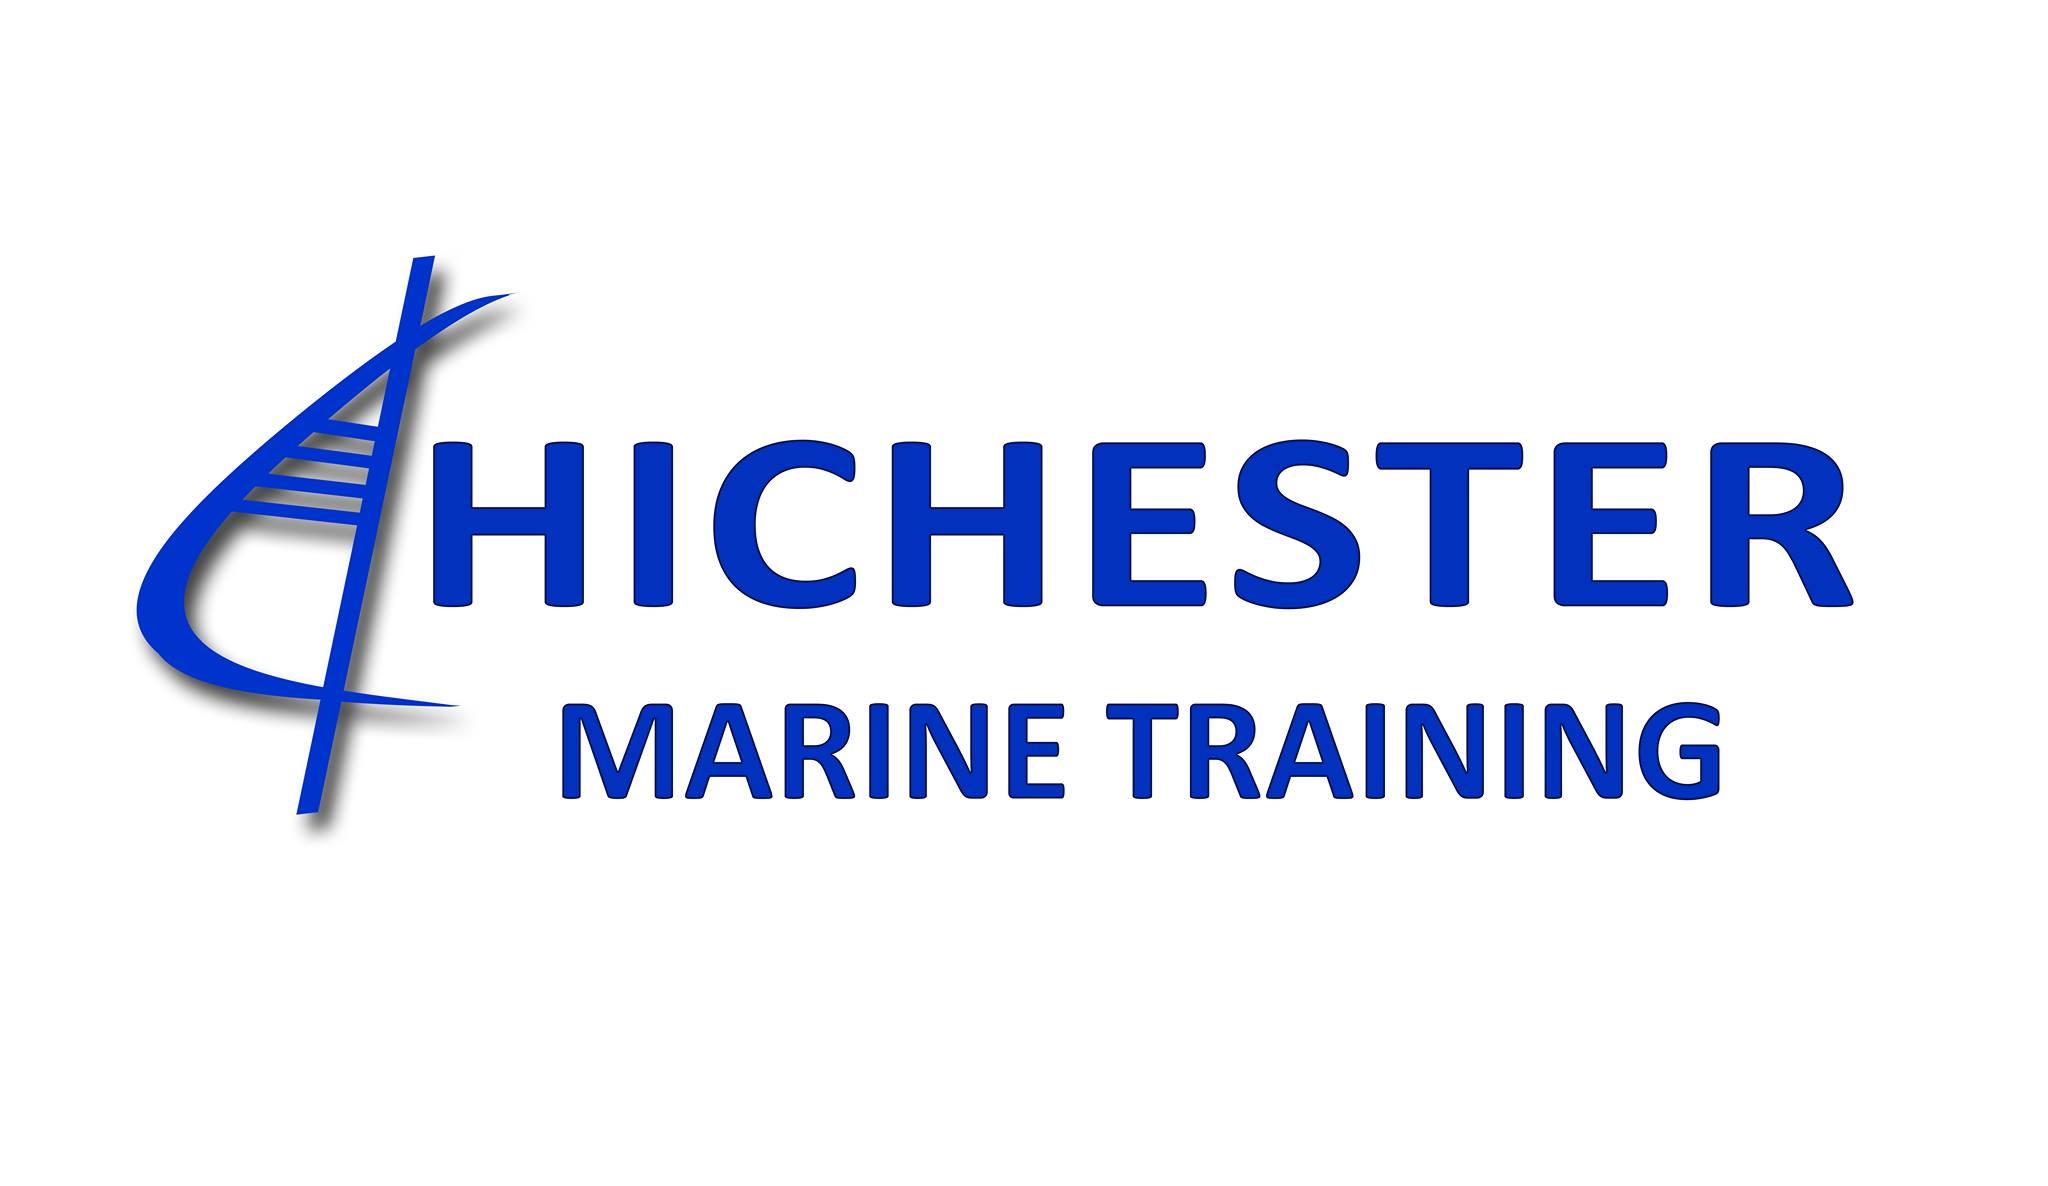 Chichester Marine Training Centre